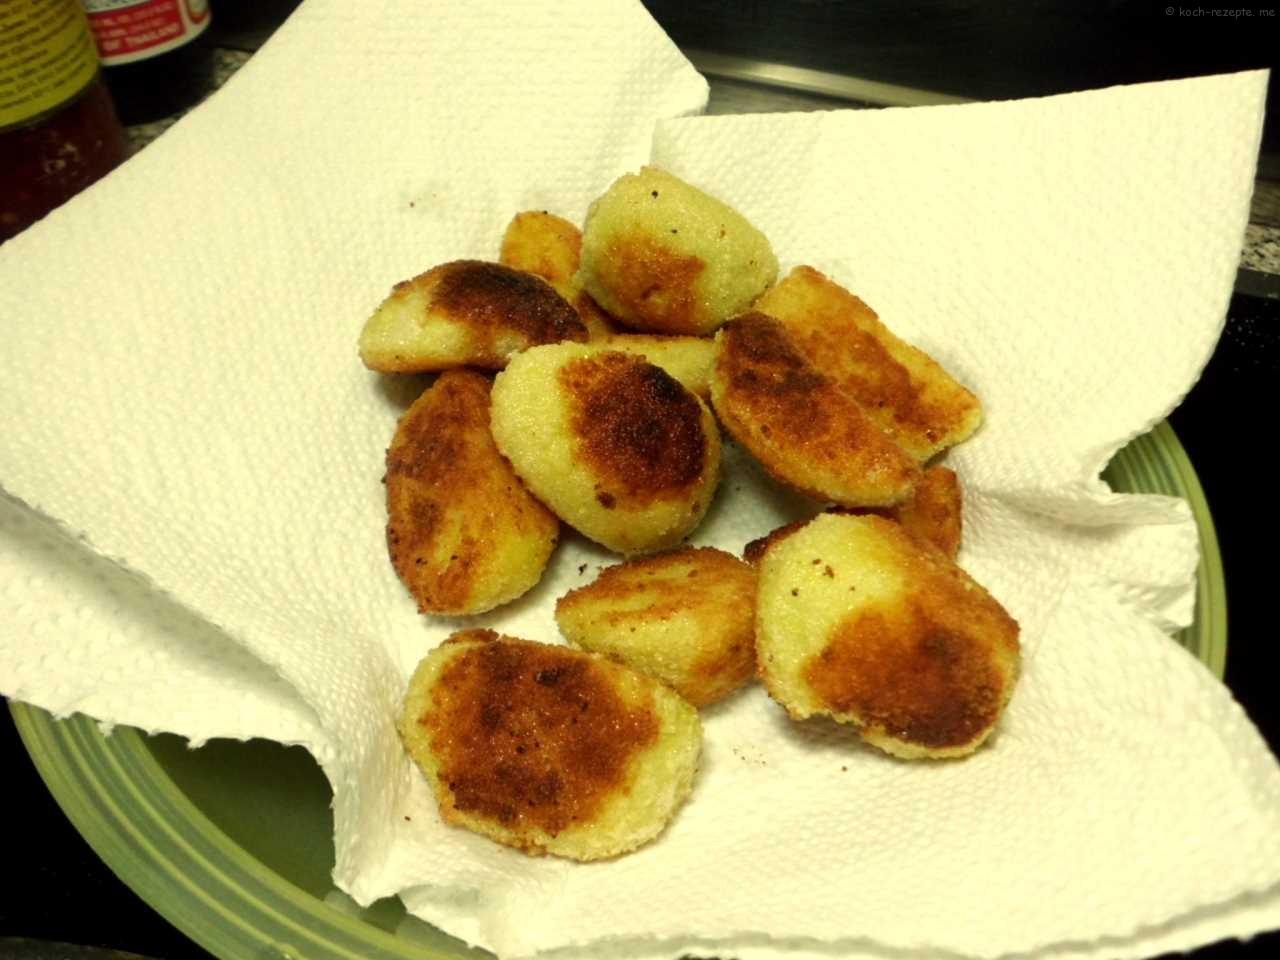 die Kartoffelecken abtropfen lassen auf Küchenpapier ev. ein 2. mal frittieren dann nachwürzen